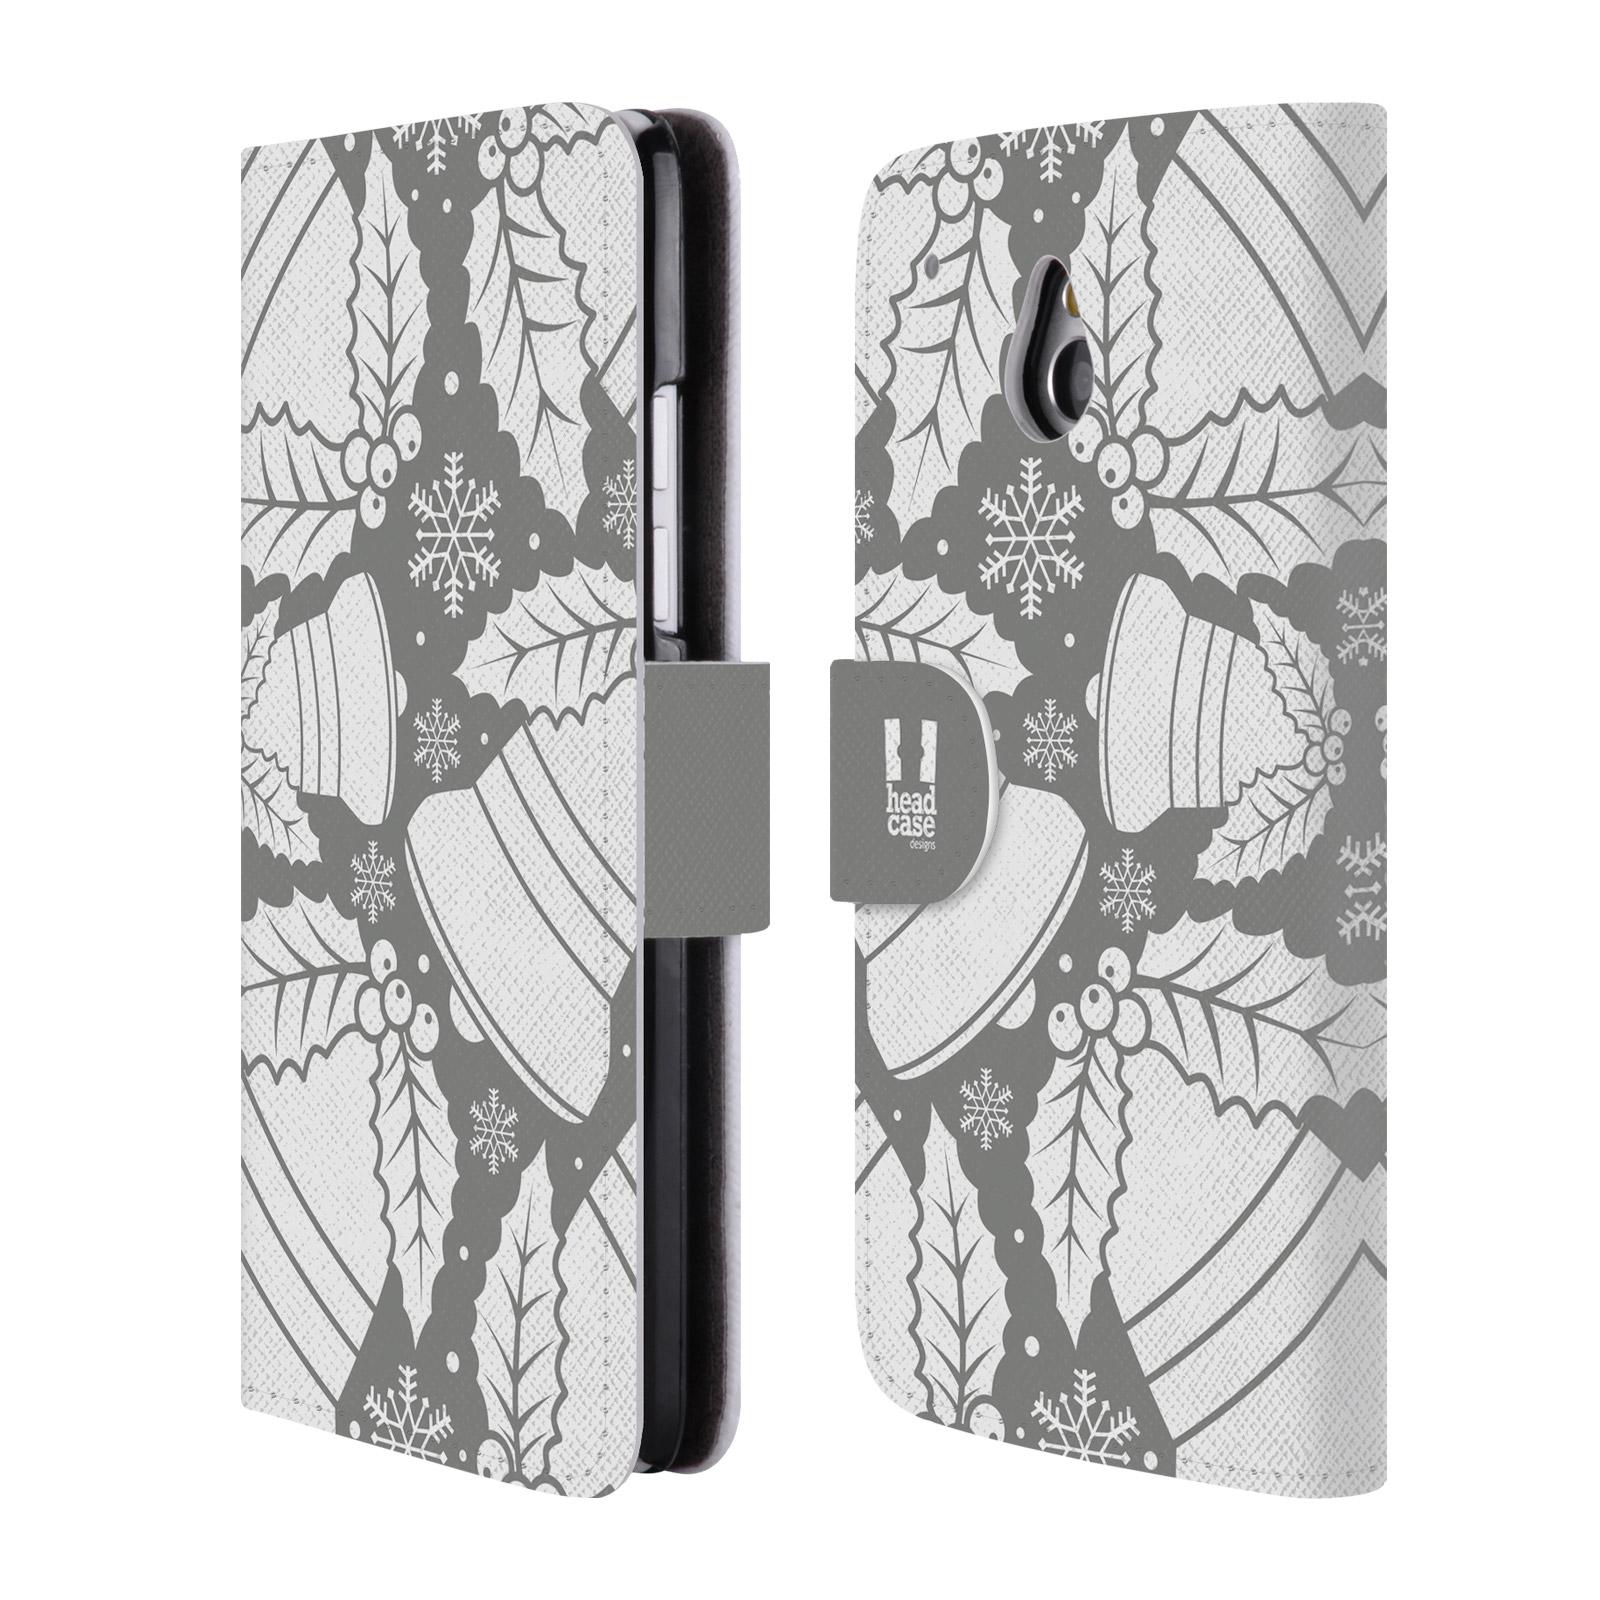 HEAD CASE Flipové pouzdro pro mobil HTC ONE MINI (M4) stříbrné vzory zvonečky